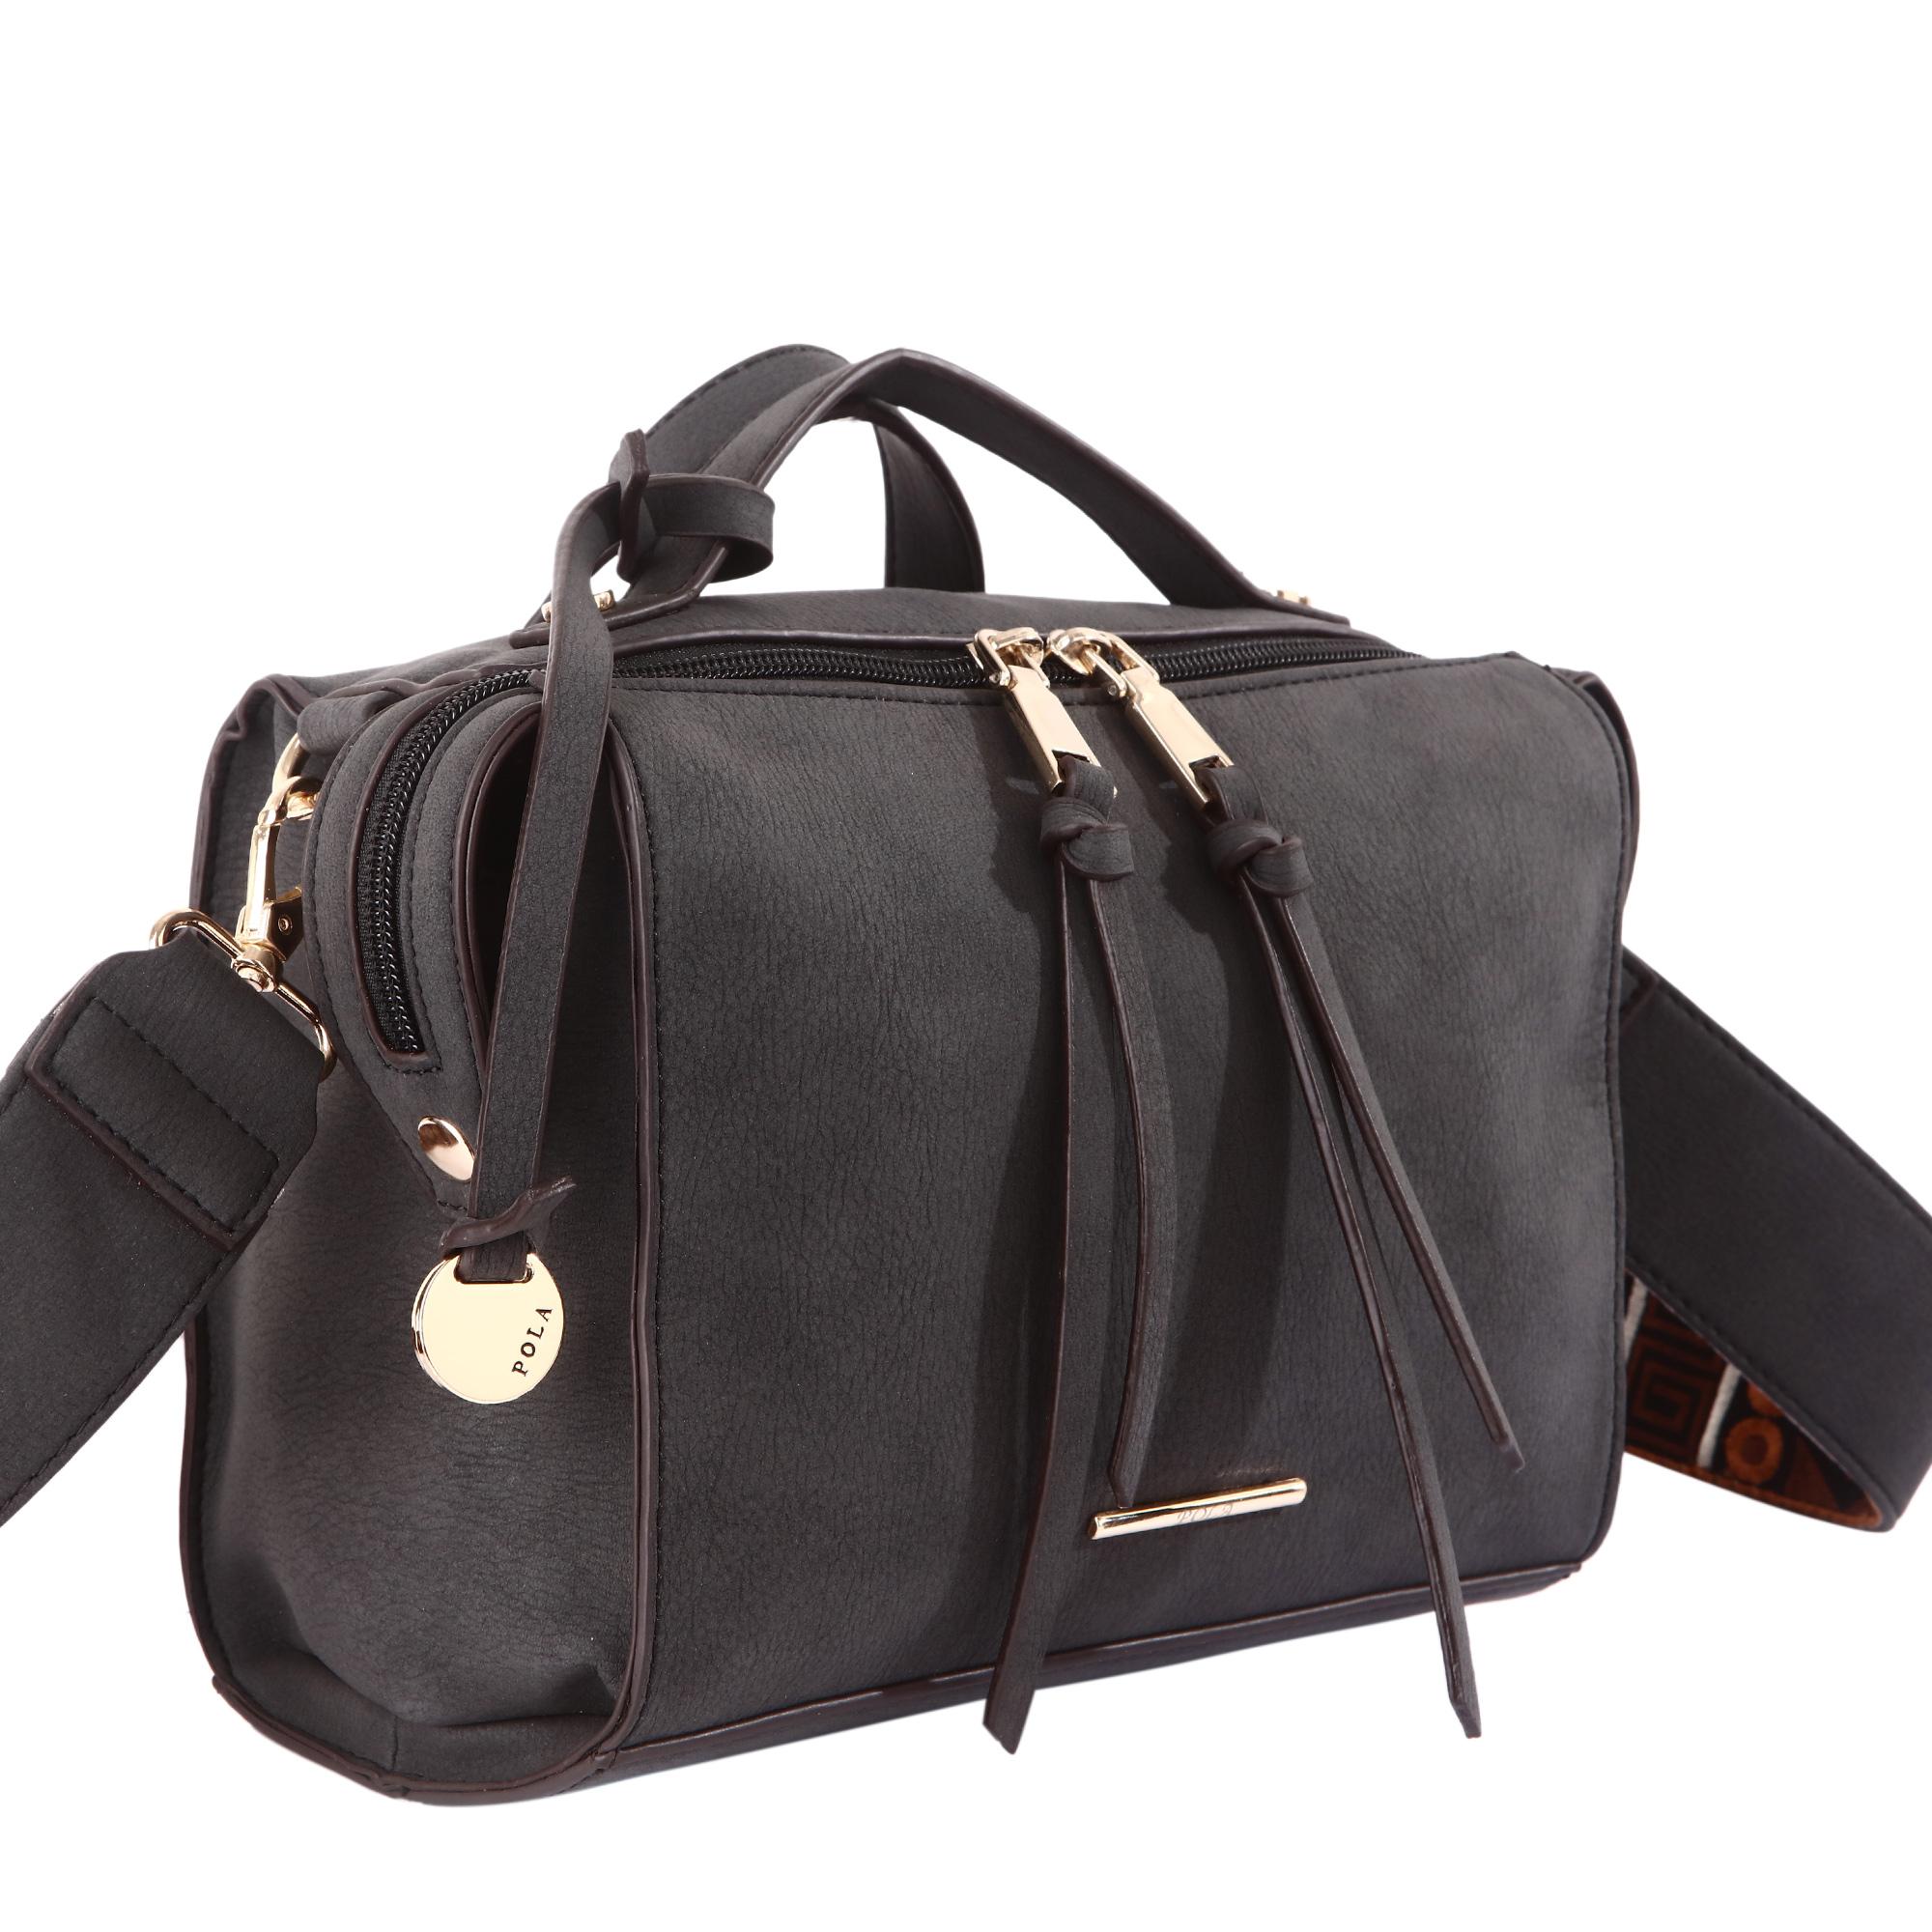 Сумка женская Pola, цвет: черный. 4399S76245Женская сумка Pola выполнена из экокожи и сверху закрывается на молнию. Внутри основного отделения небольшой карман на молнии и два открытых кармана. Снаружи - небольшой карман на молнии сзади сумки. В комплекте съемный, нерегулируемый по длине плечевой ремень высотой 40 см, который украшен тканевой вставкой в этническом стиле.Высота ручек 4 см. Цвет фурнитуры - золото.